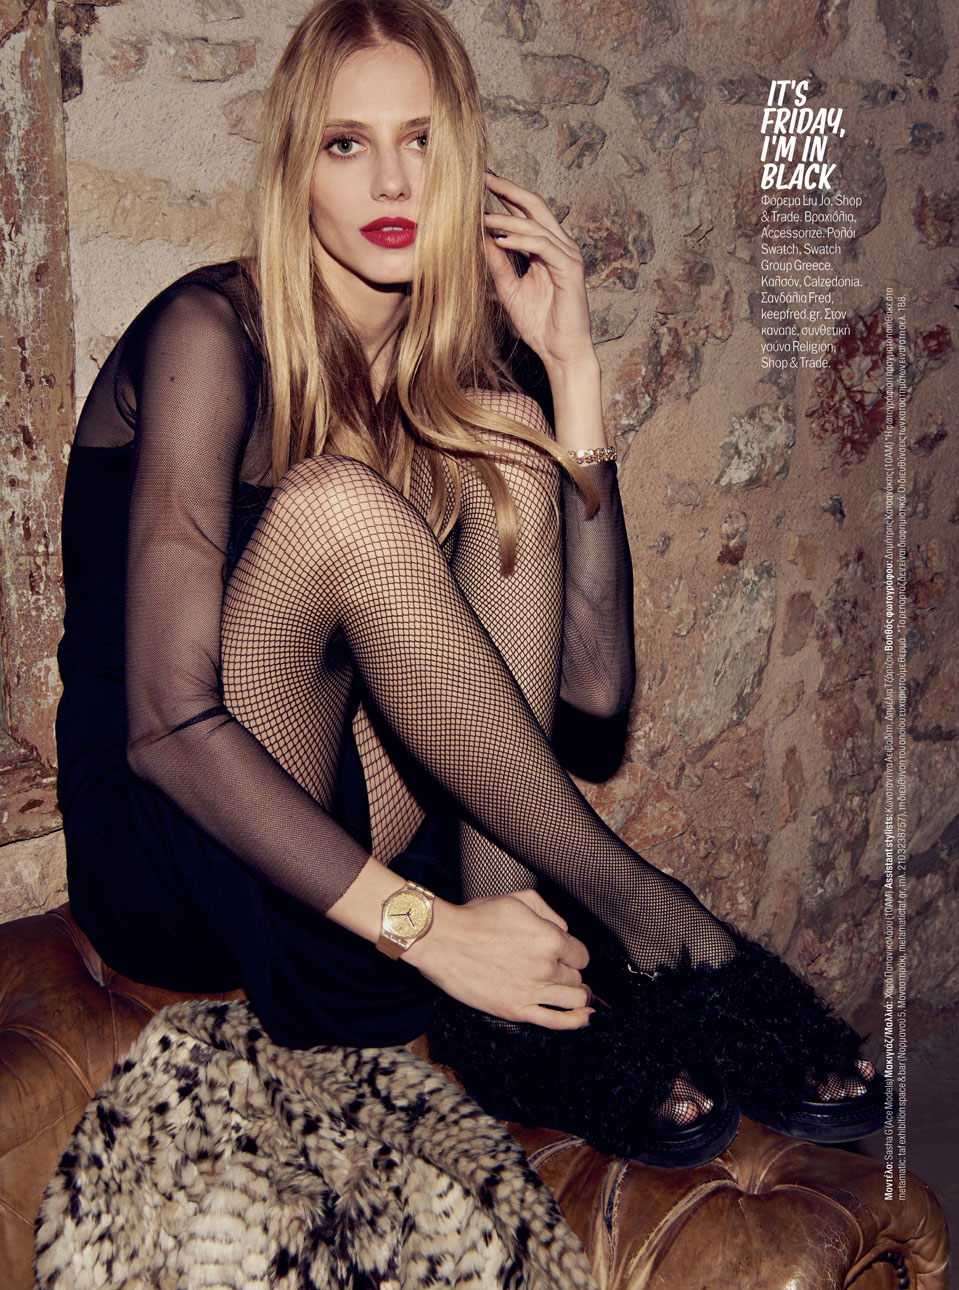 Sasha is shining bright at Cosmopolitan Mag.